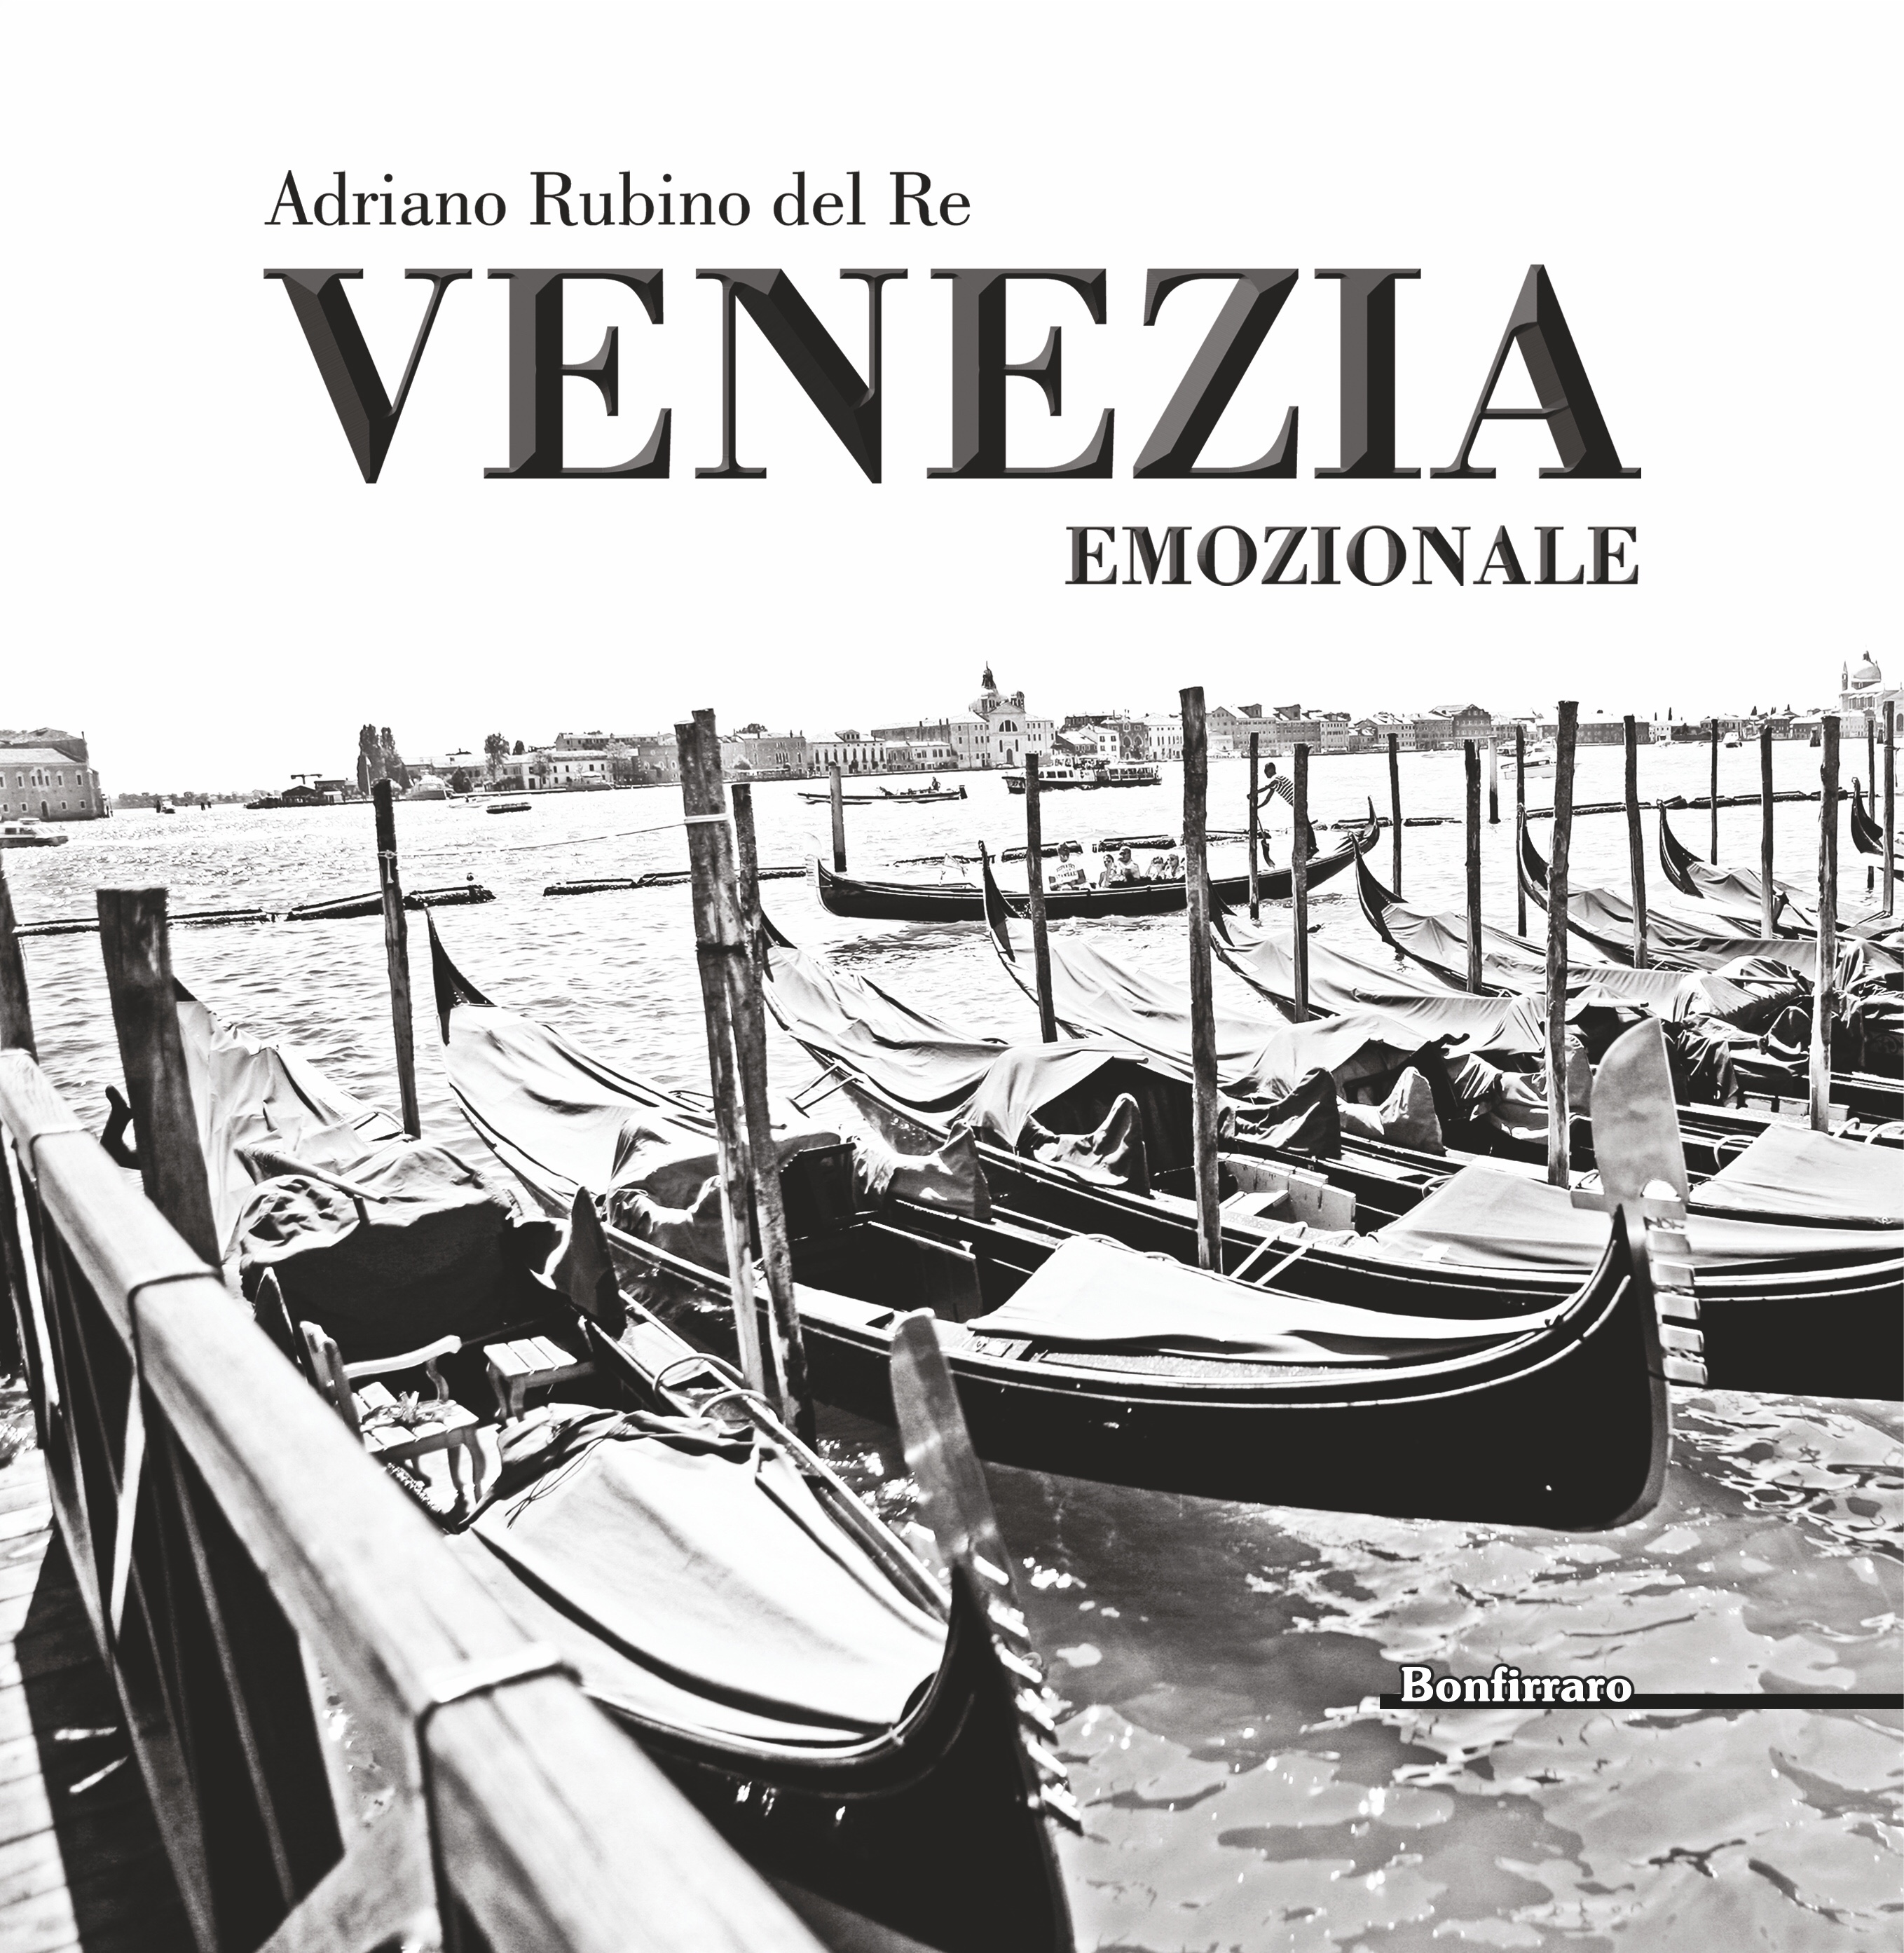 Cosa farebin veneto magazine Venezia Adriano rubino del re libro Venezia emozionale cosa fare a Venezia ilaria rebecchi